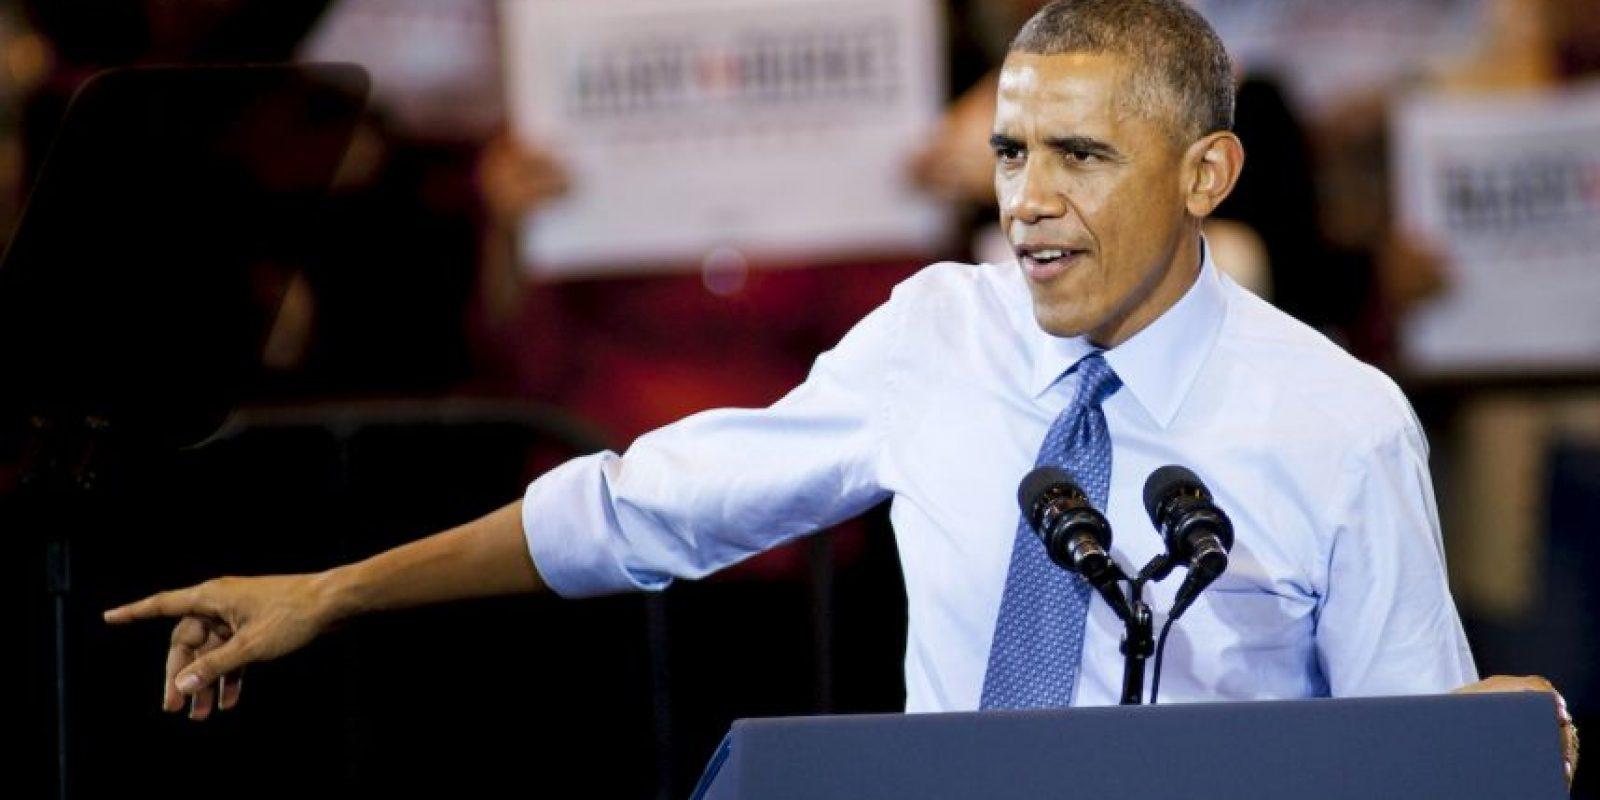 2. Universidad comunitaria gratuita- Obama presentó recientemente su plan para que los estudiantes de universidades comunitarias puedan estudiar los primeros dos años sin costo. Según información de la Casa Blanca, aproximadamente nueve millones de estudiantes se beneficiarán de la medida. Se estima que el ahorro sería de tres mil 800 dólares por estudiante. Foto:Getty